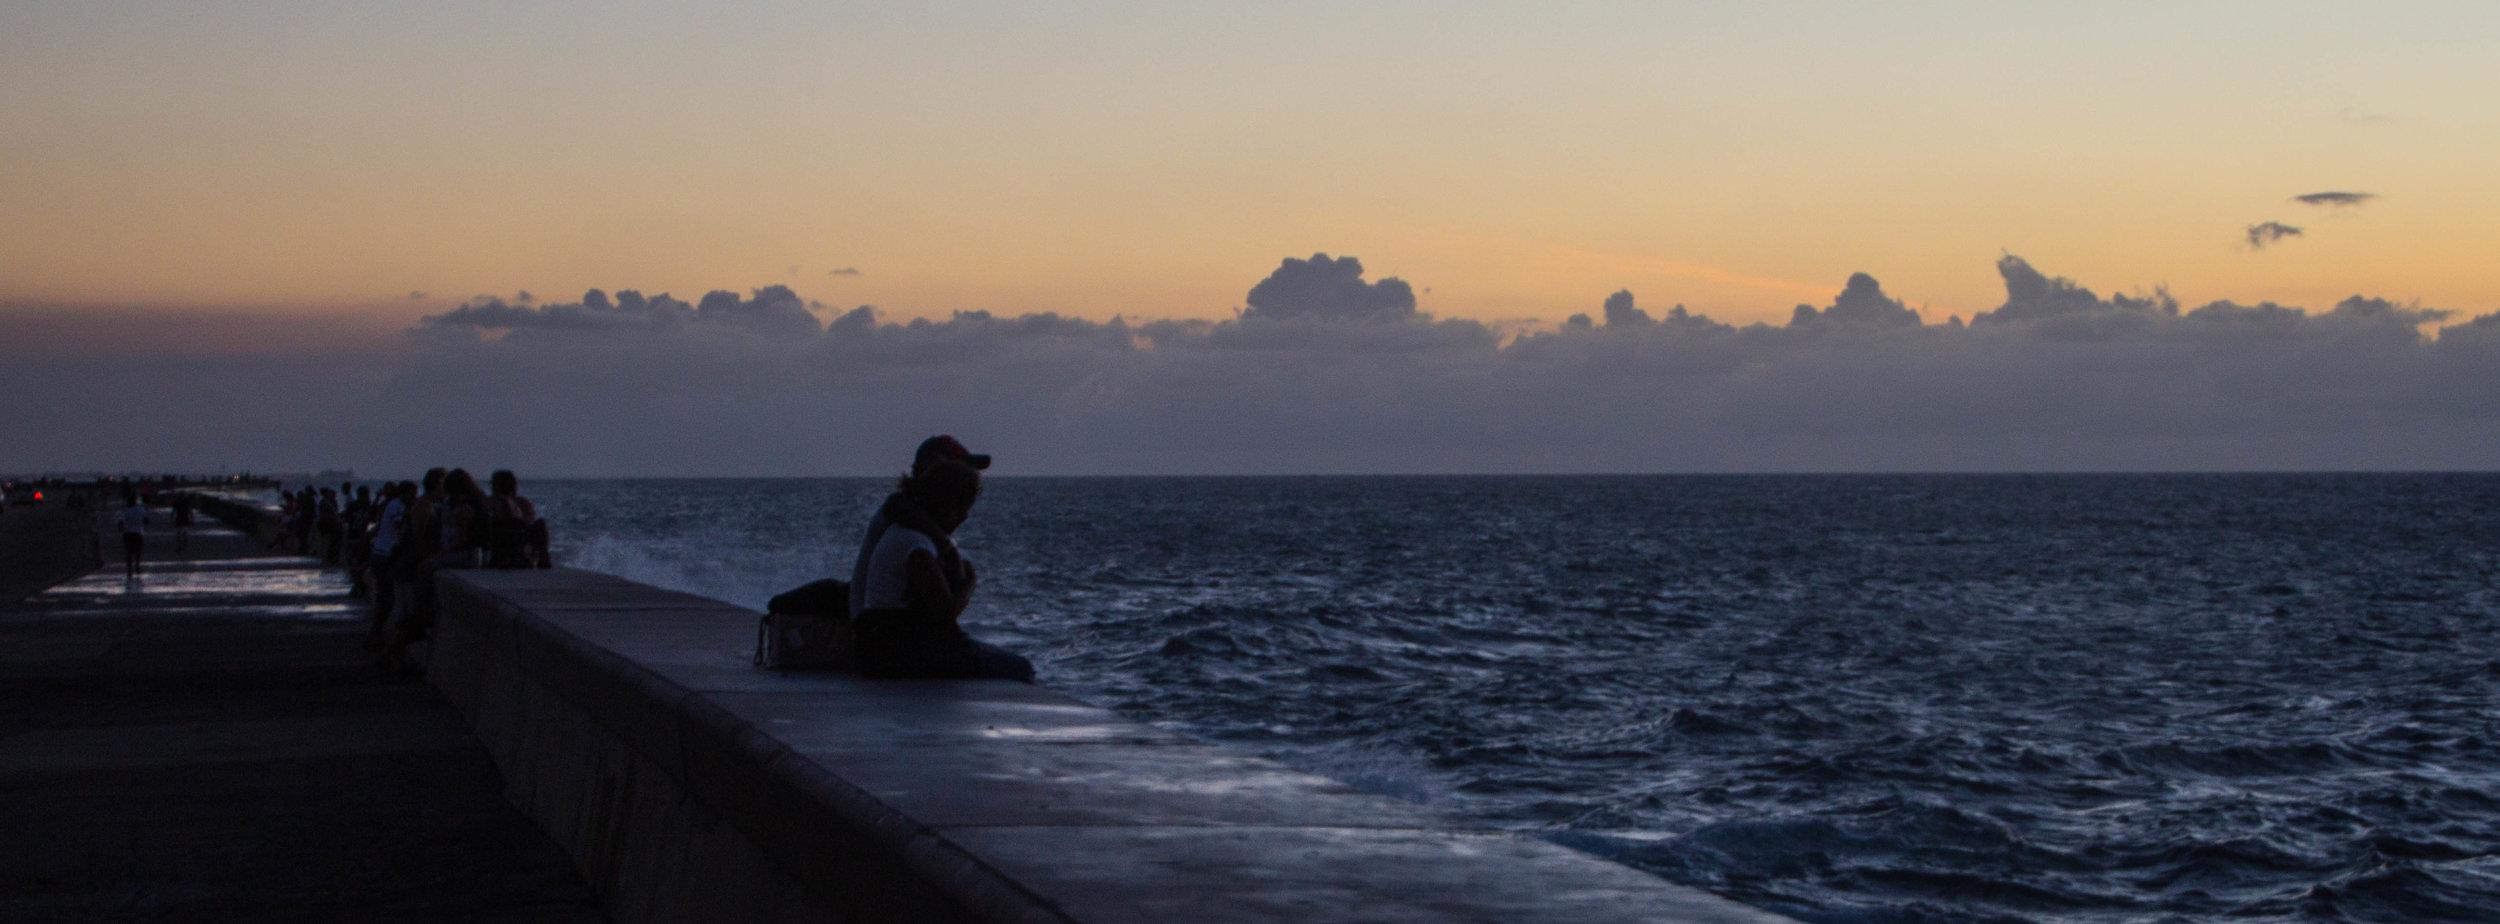 malecón havana cuba sunset-1-2.jpg